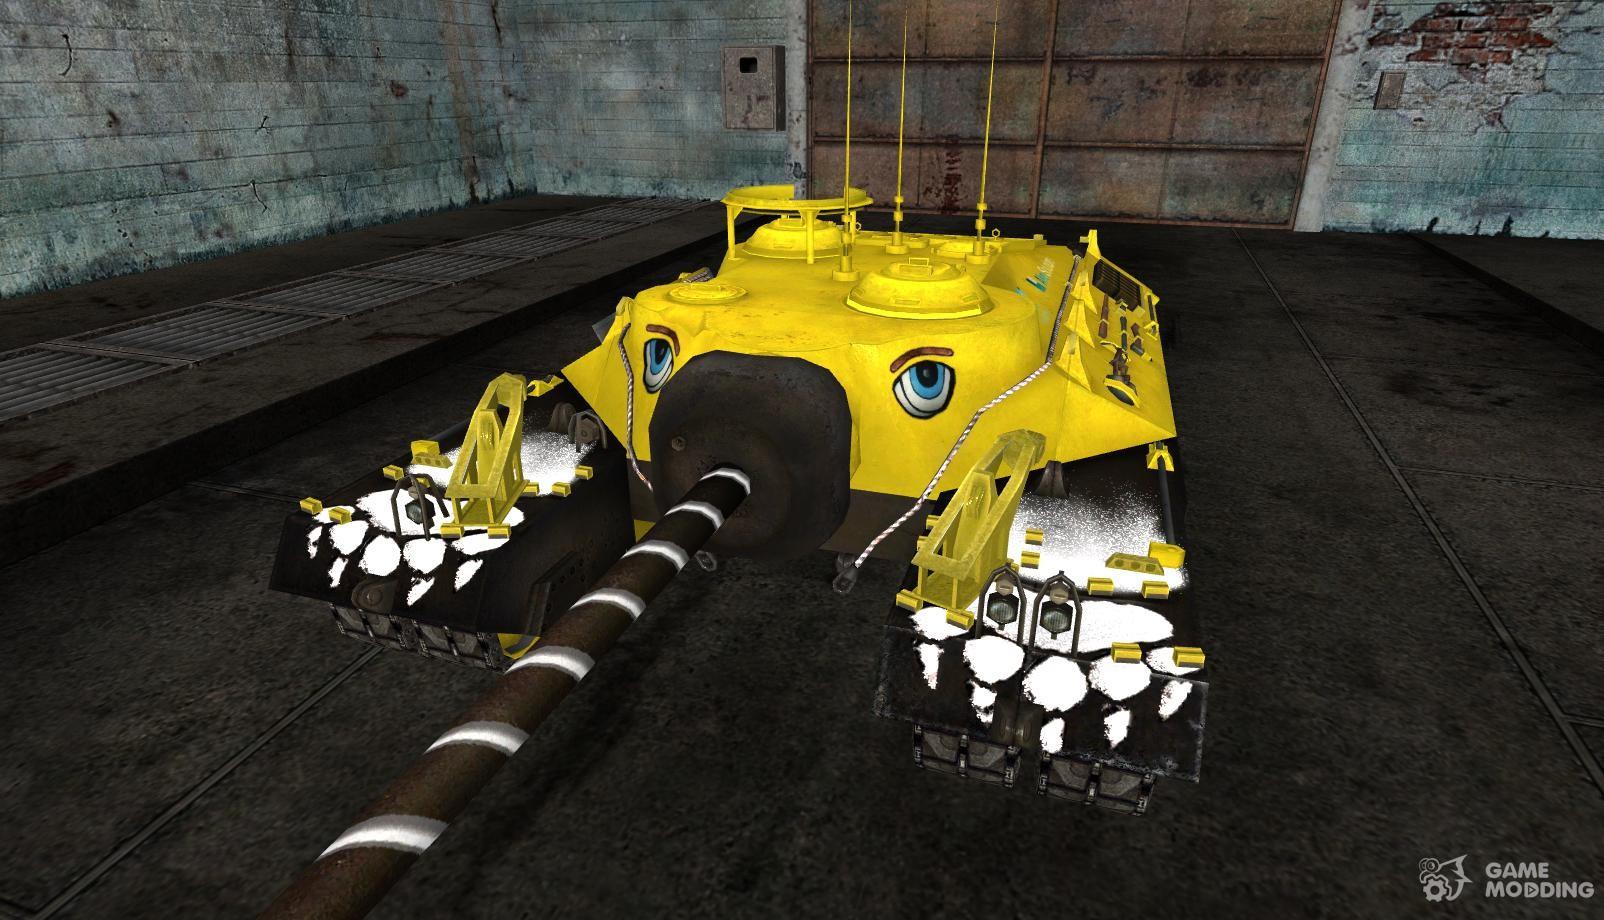 mole bore machine